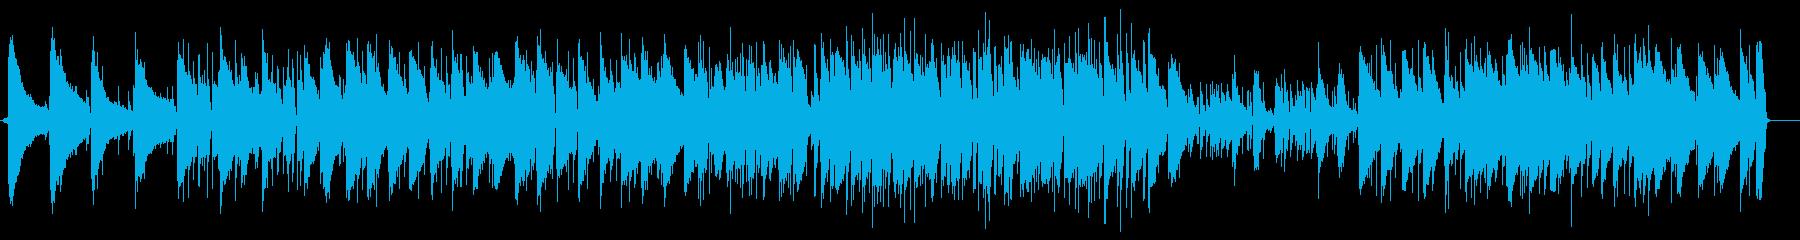 チャイコフスキーのジャズピアノの再生済みの波形